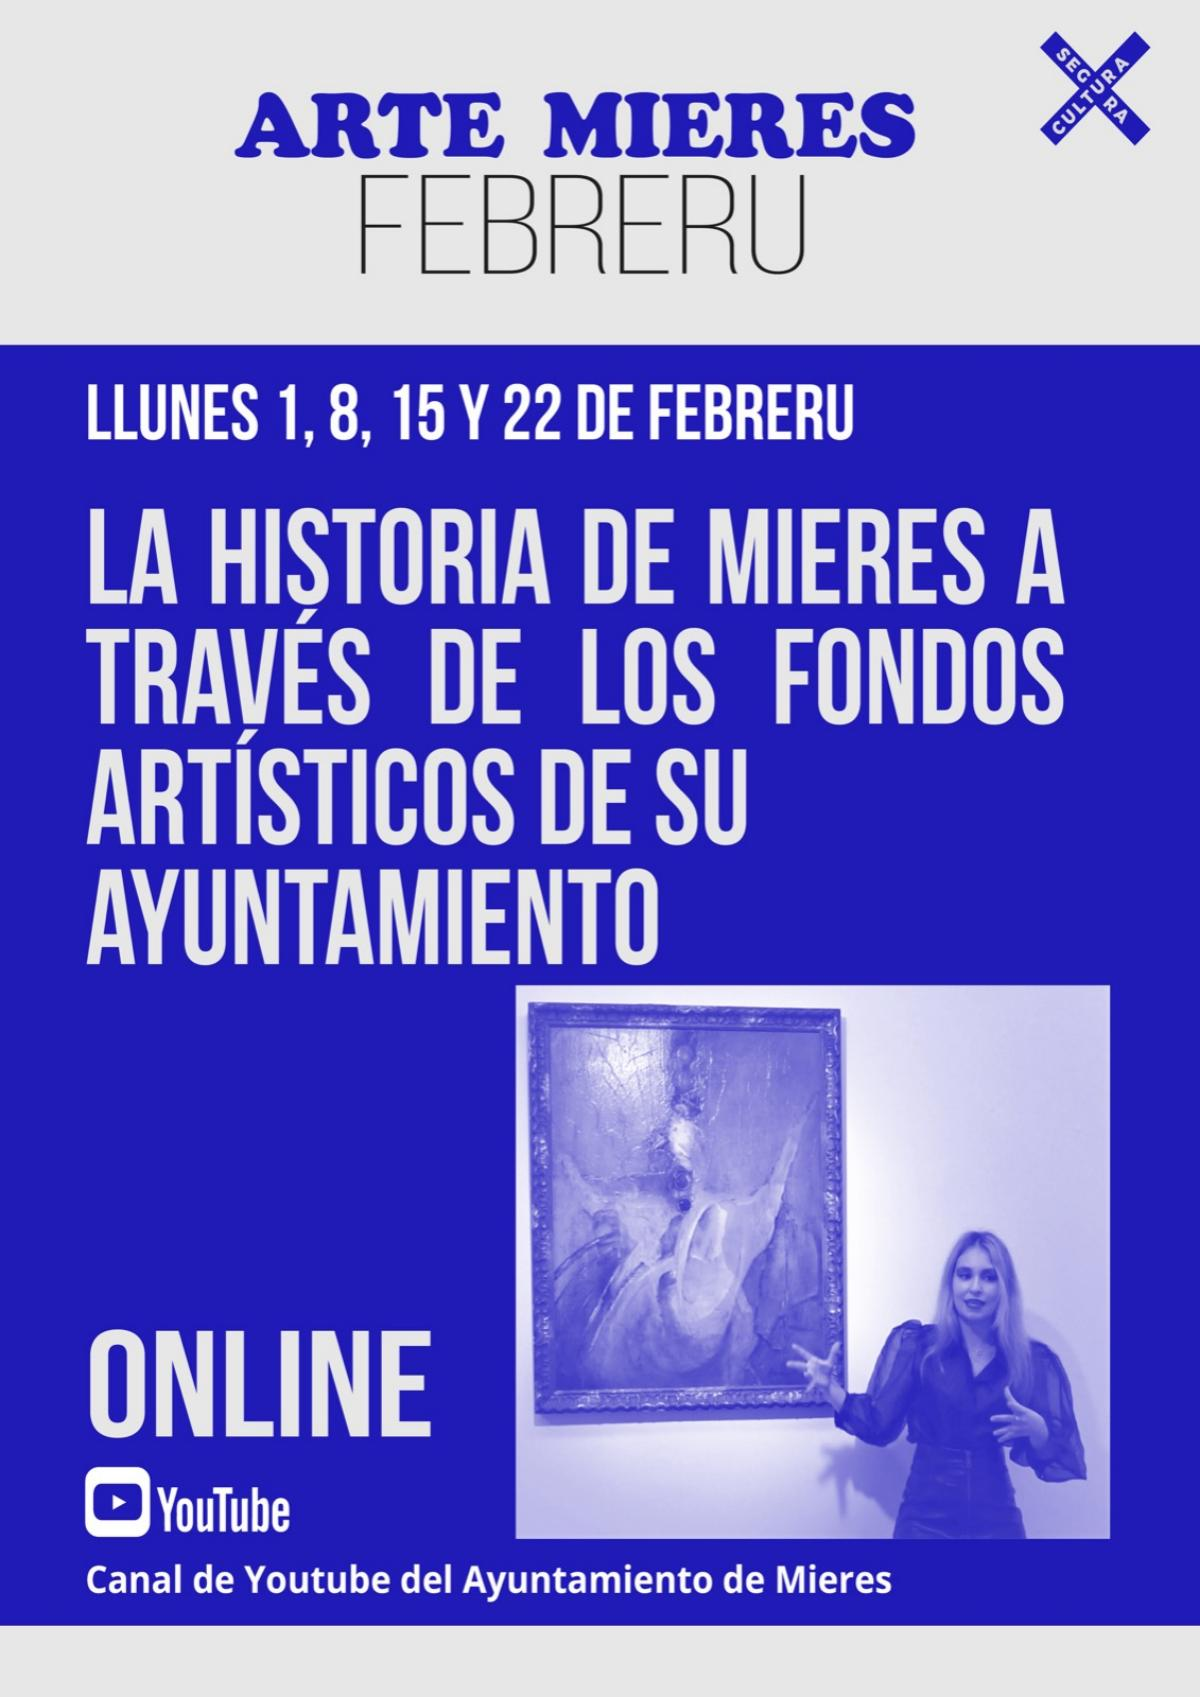 Arte Mieres Fondos Ayuntamiento Cartel Febrero